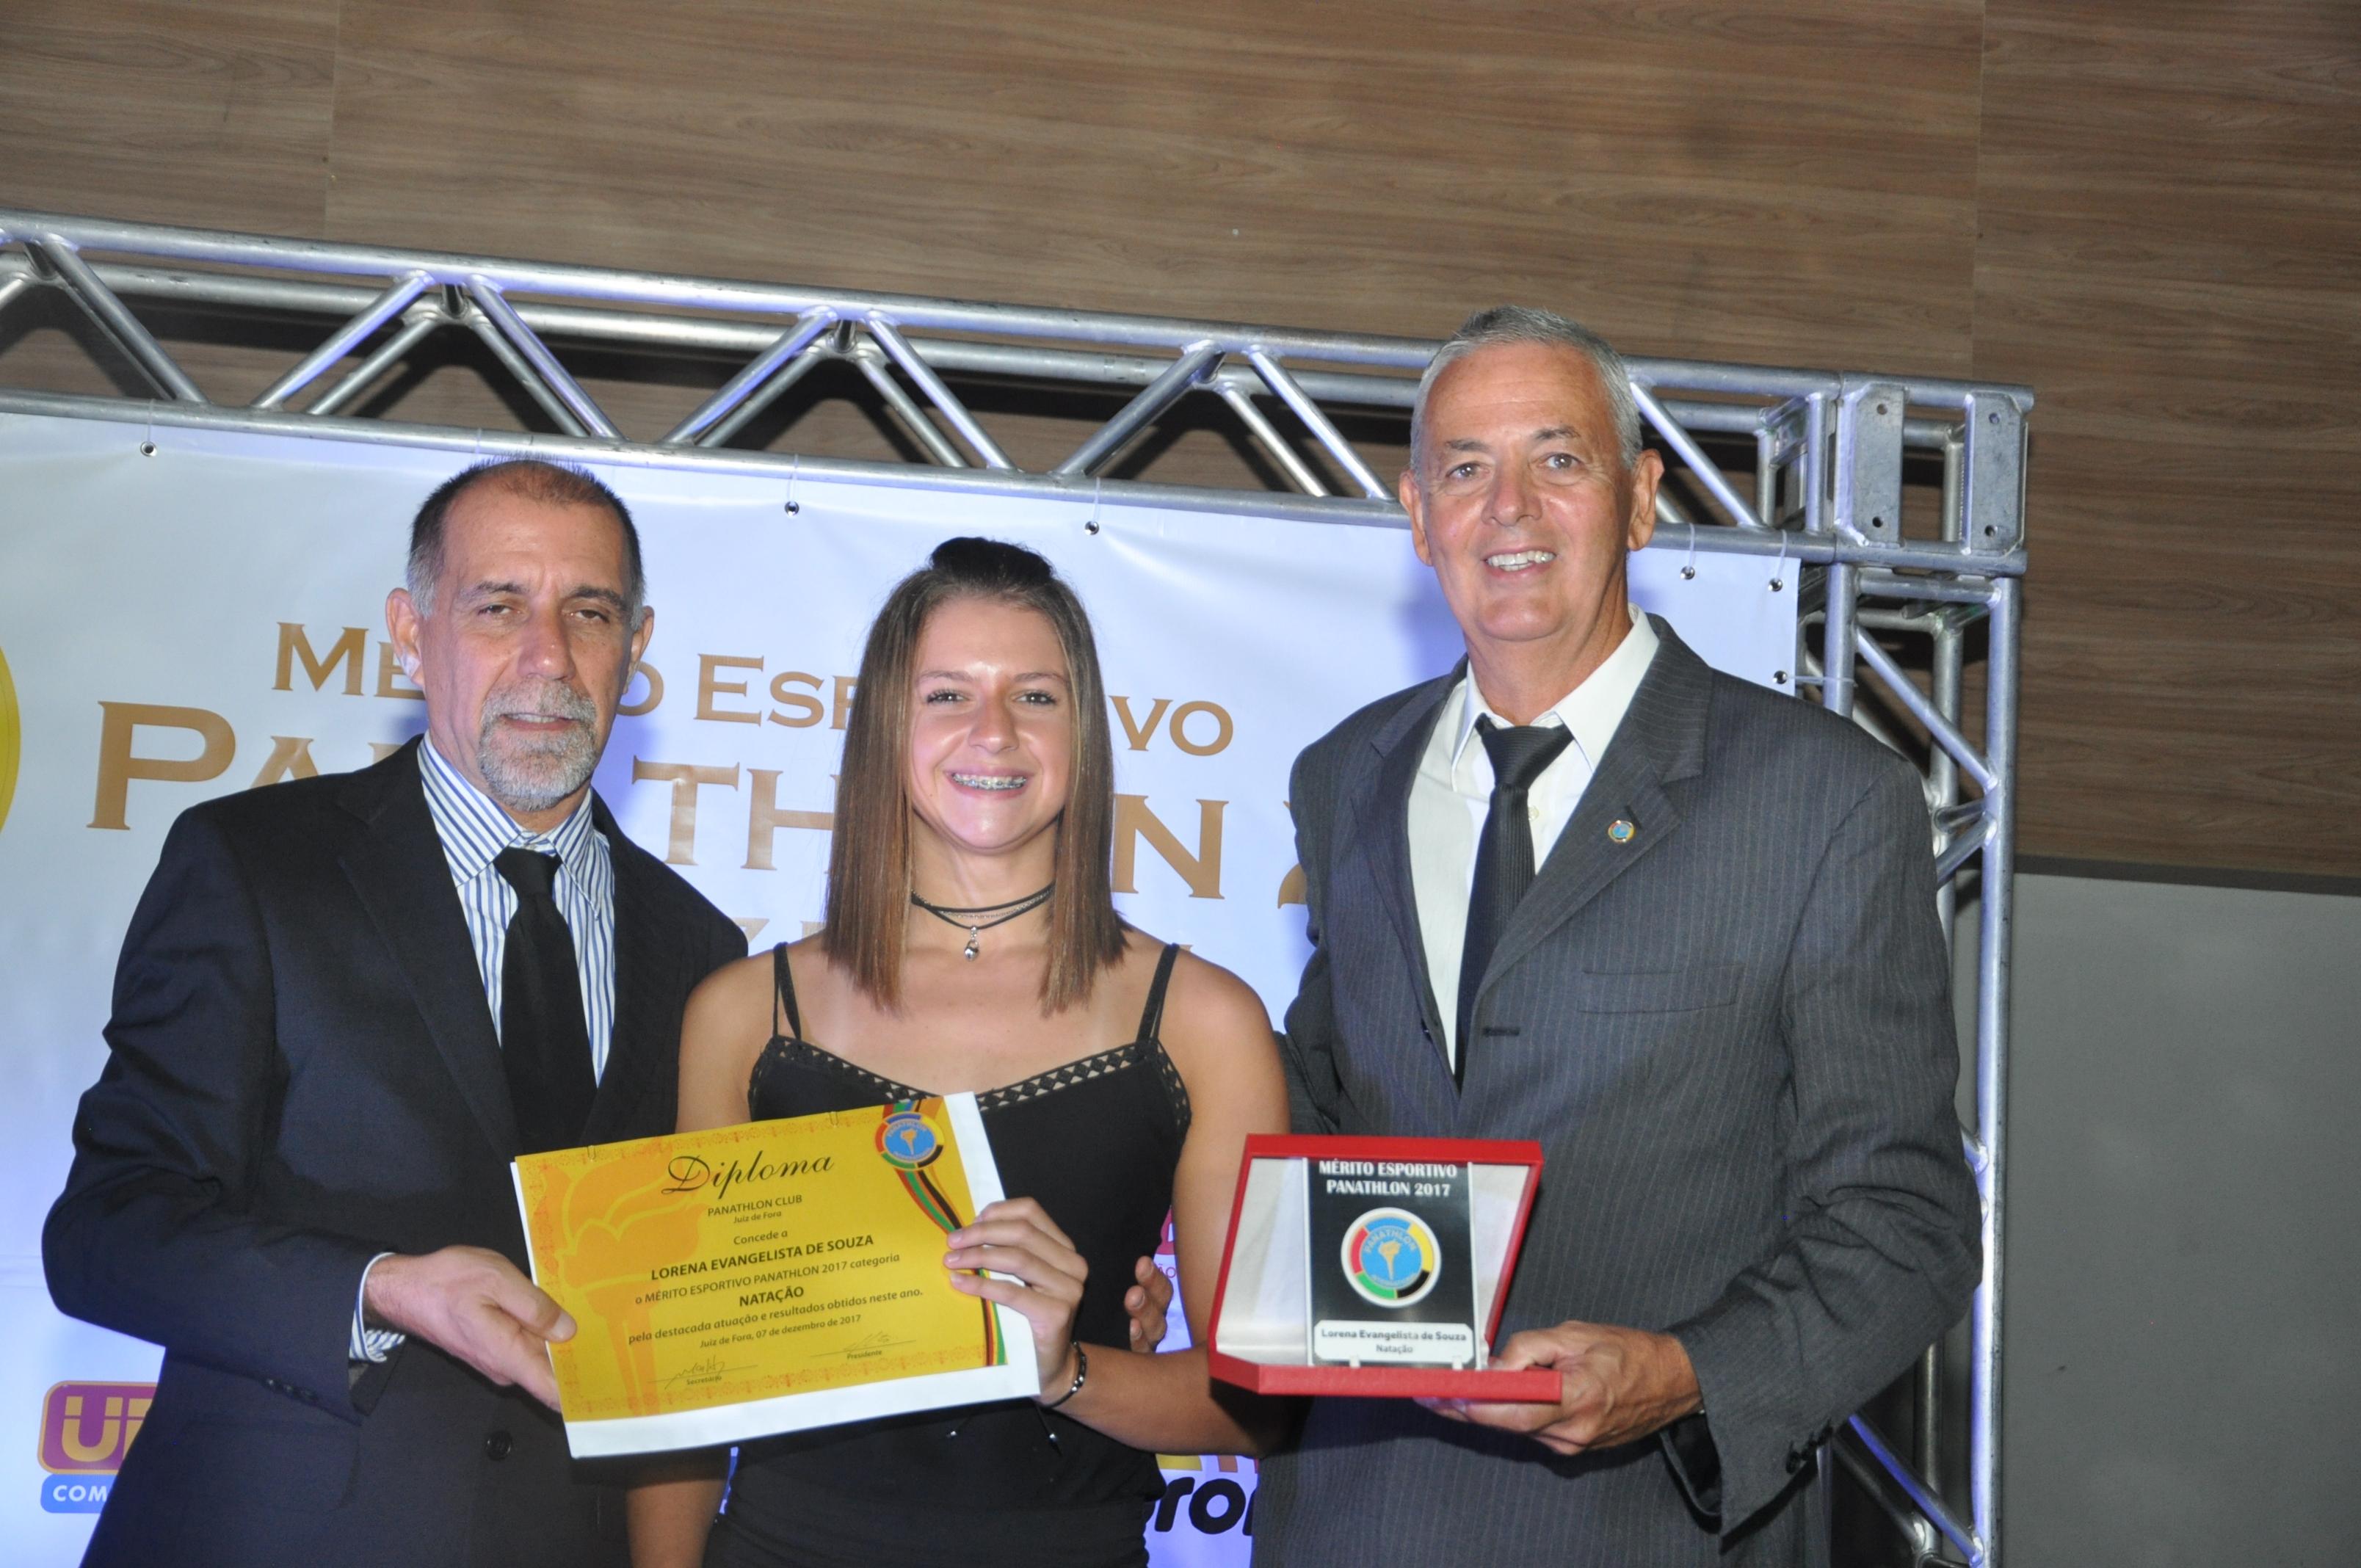 Cláudio Esteves, Lorena Evangelista de Souza (Natação) e Ivo Soares Bandeira Filho (Panathlon Club JF)